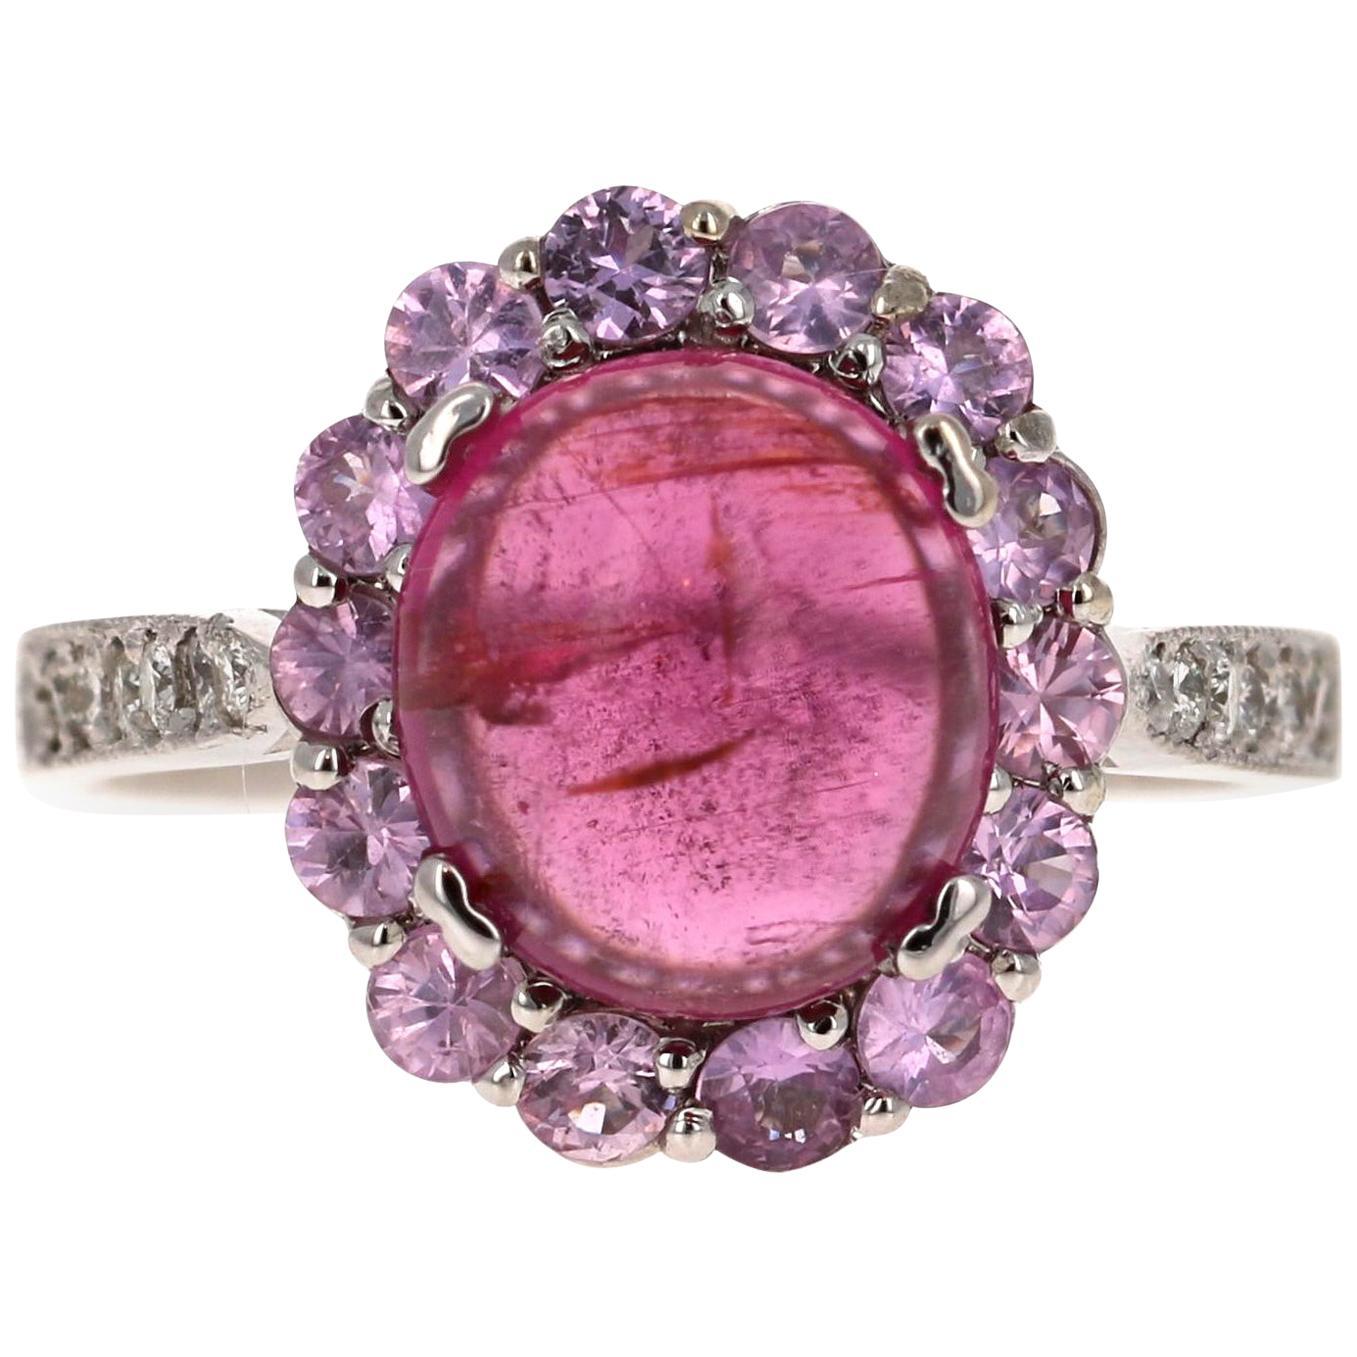 4.26 Carat Pink Tourmaline Sapphire Diamond 14 Karat White Gold Ring